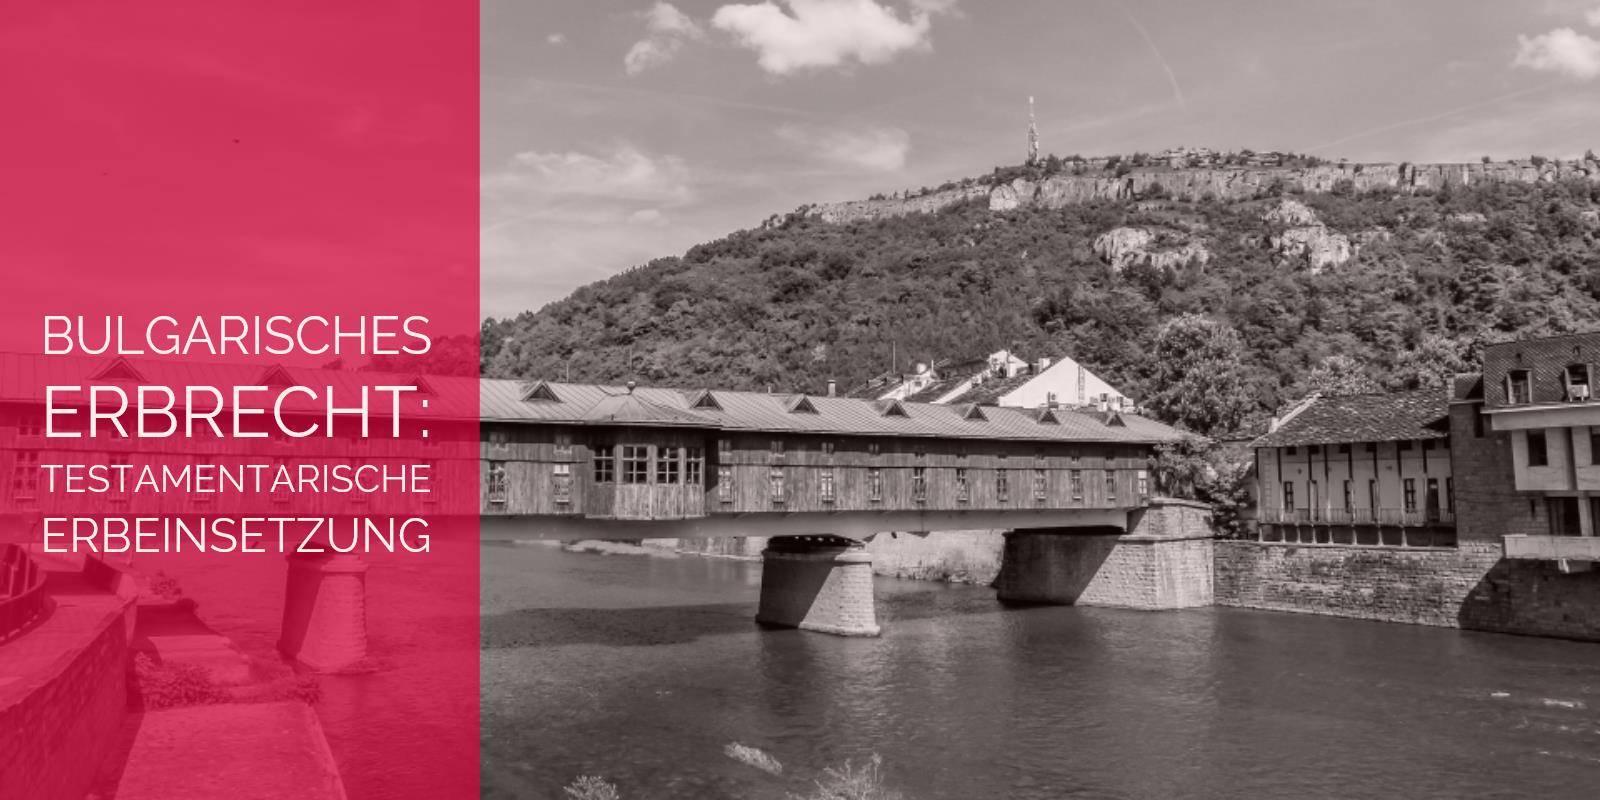 Bulgarisches Erbrecht: Testamentarische Erbeinsetzung im bulgarischen Erbrecht | Rechtsanwalt und Fachanwalt für Erbrecht Detlev Balg - Köln